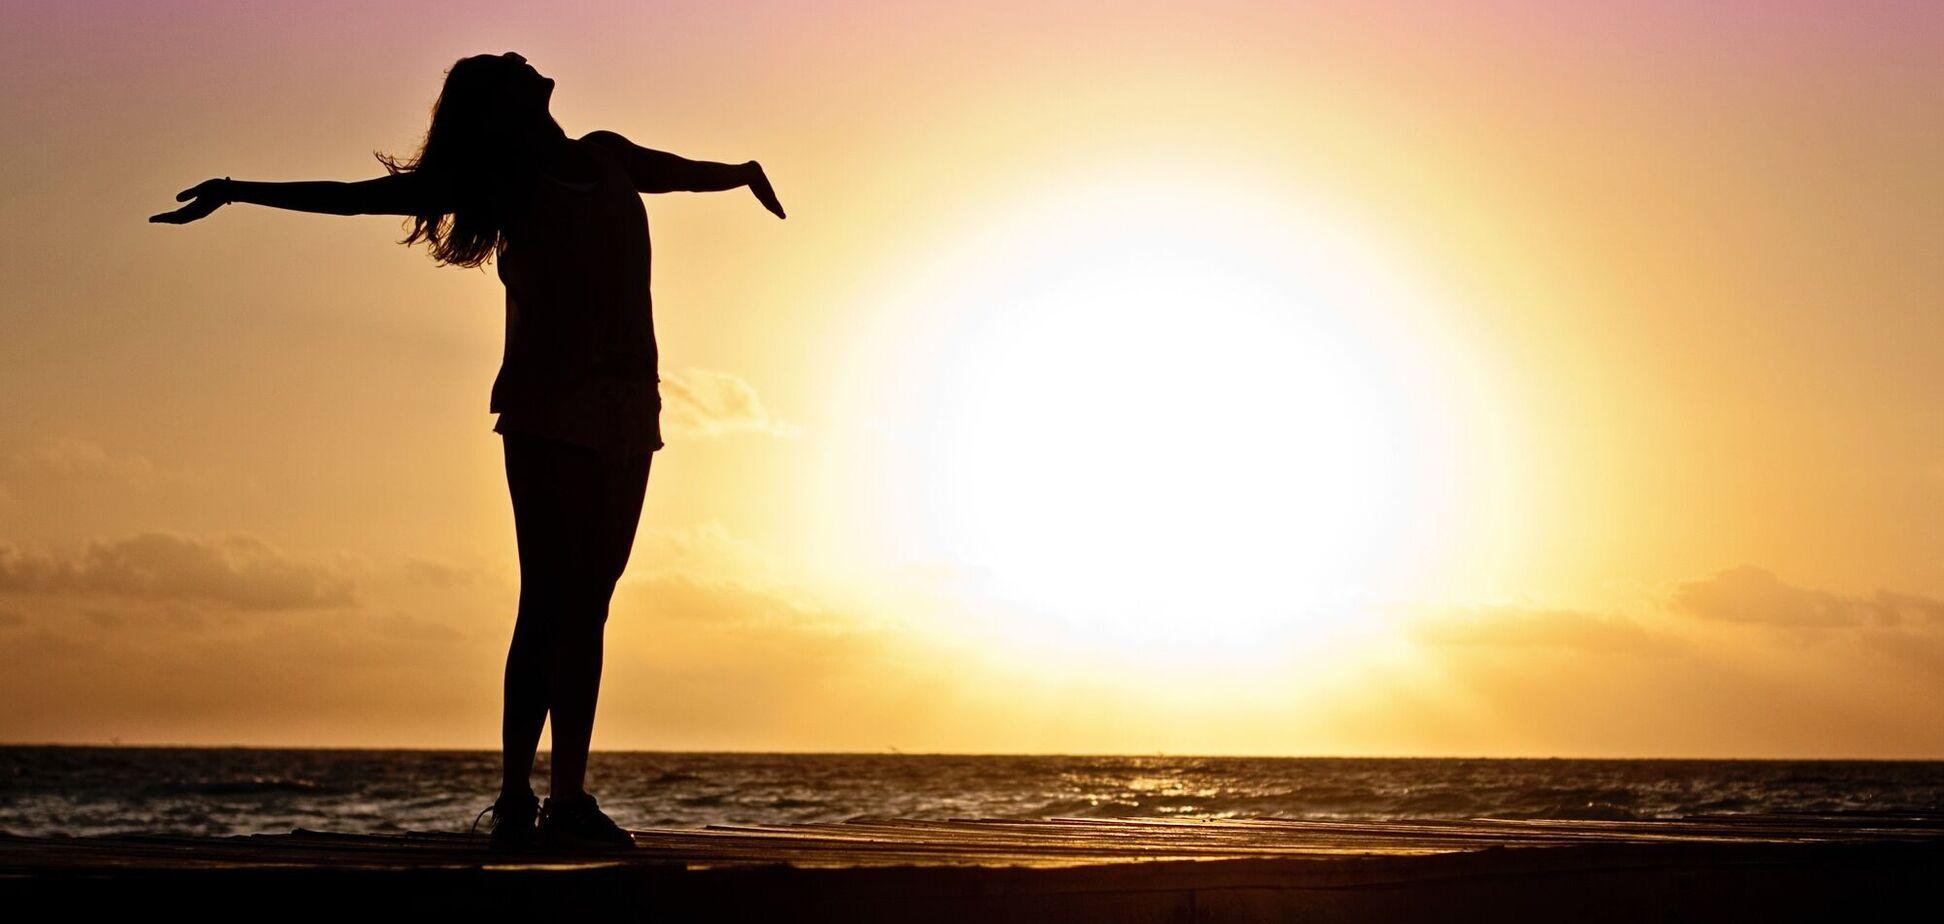 Обряди і ритуали в день літнього сонцестояння 21 червня